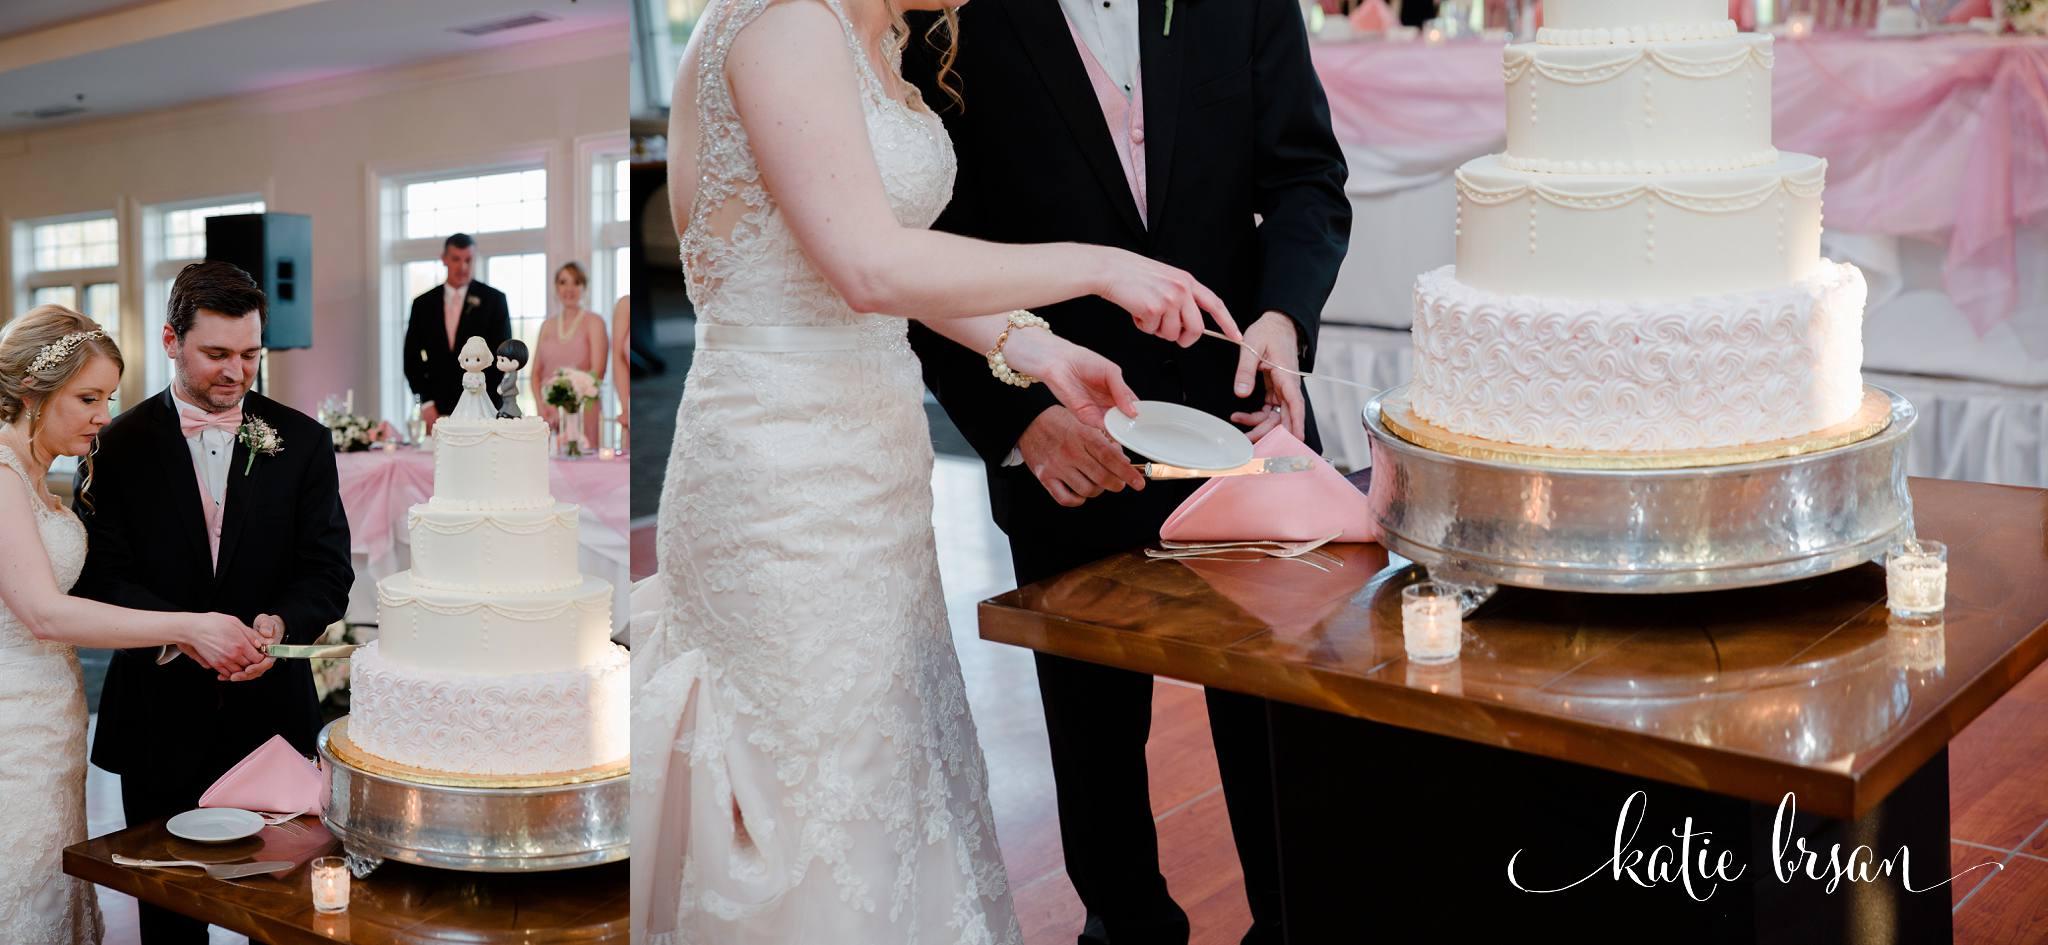 Mokena_Lemont_Wedding_Ruffled_Feathers_Wedding_1411.jpg